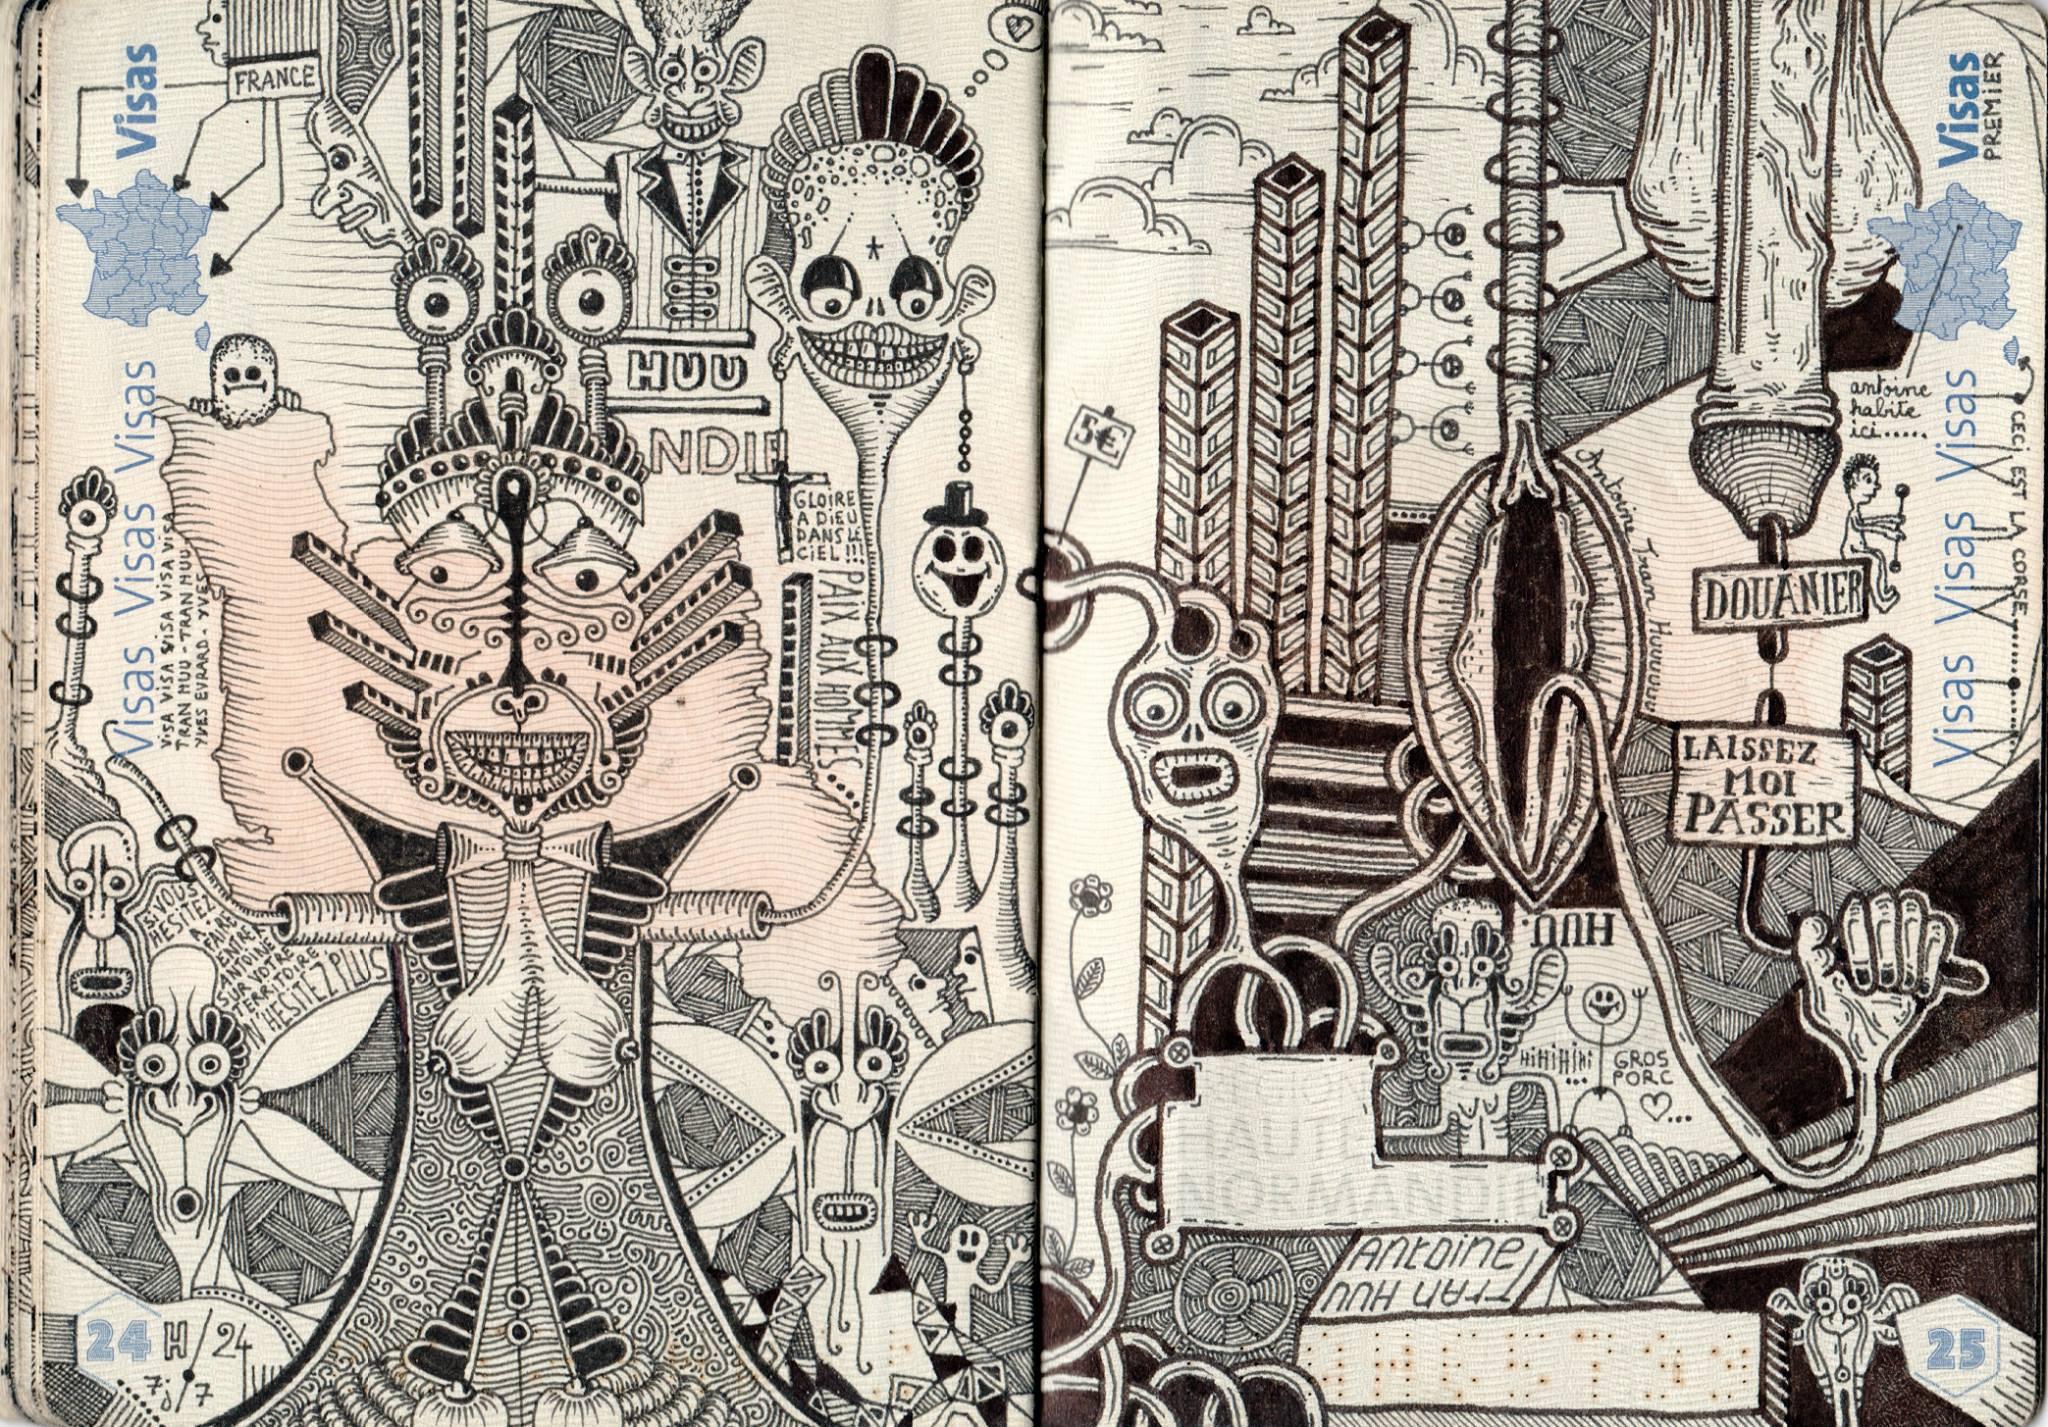 passport illustration 6